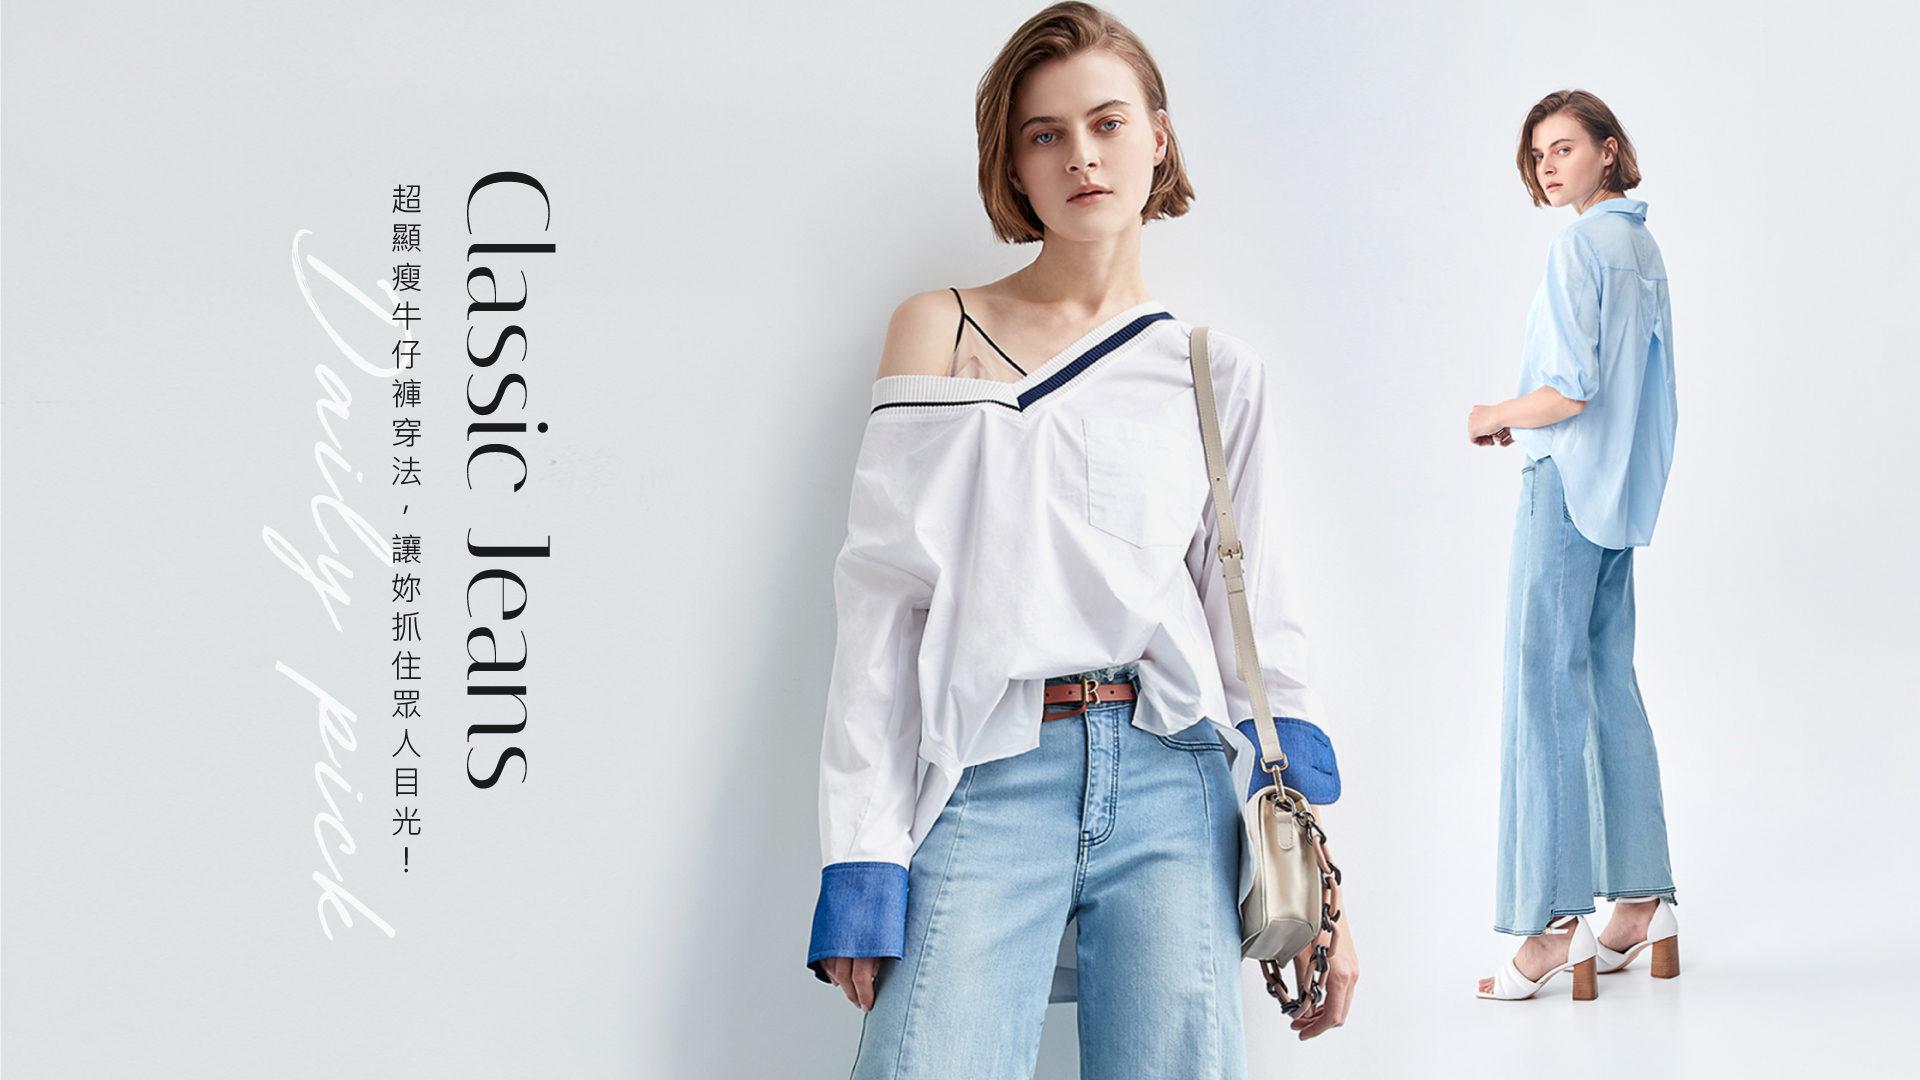 緊身牛仔褲適合什麼身形的女生?3種超顯瘦牛仔褲穿法,讓妳抓住眾人目光!